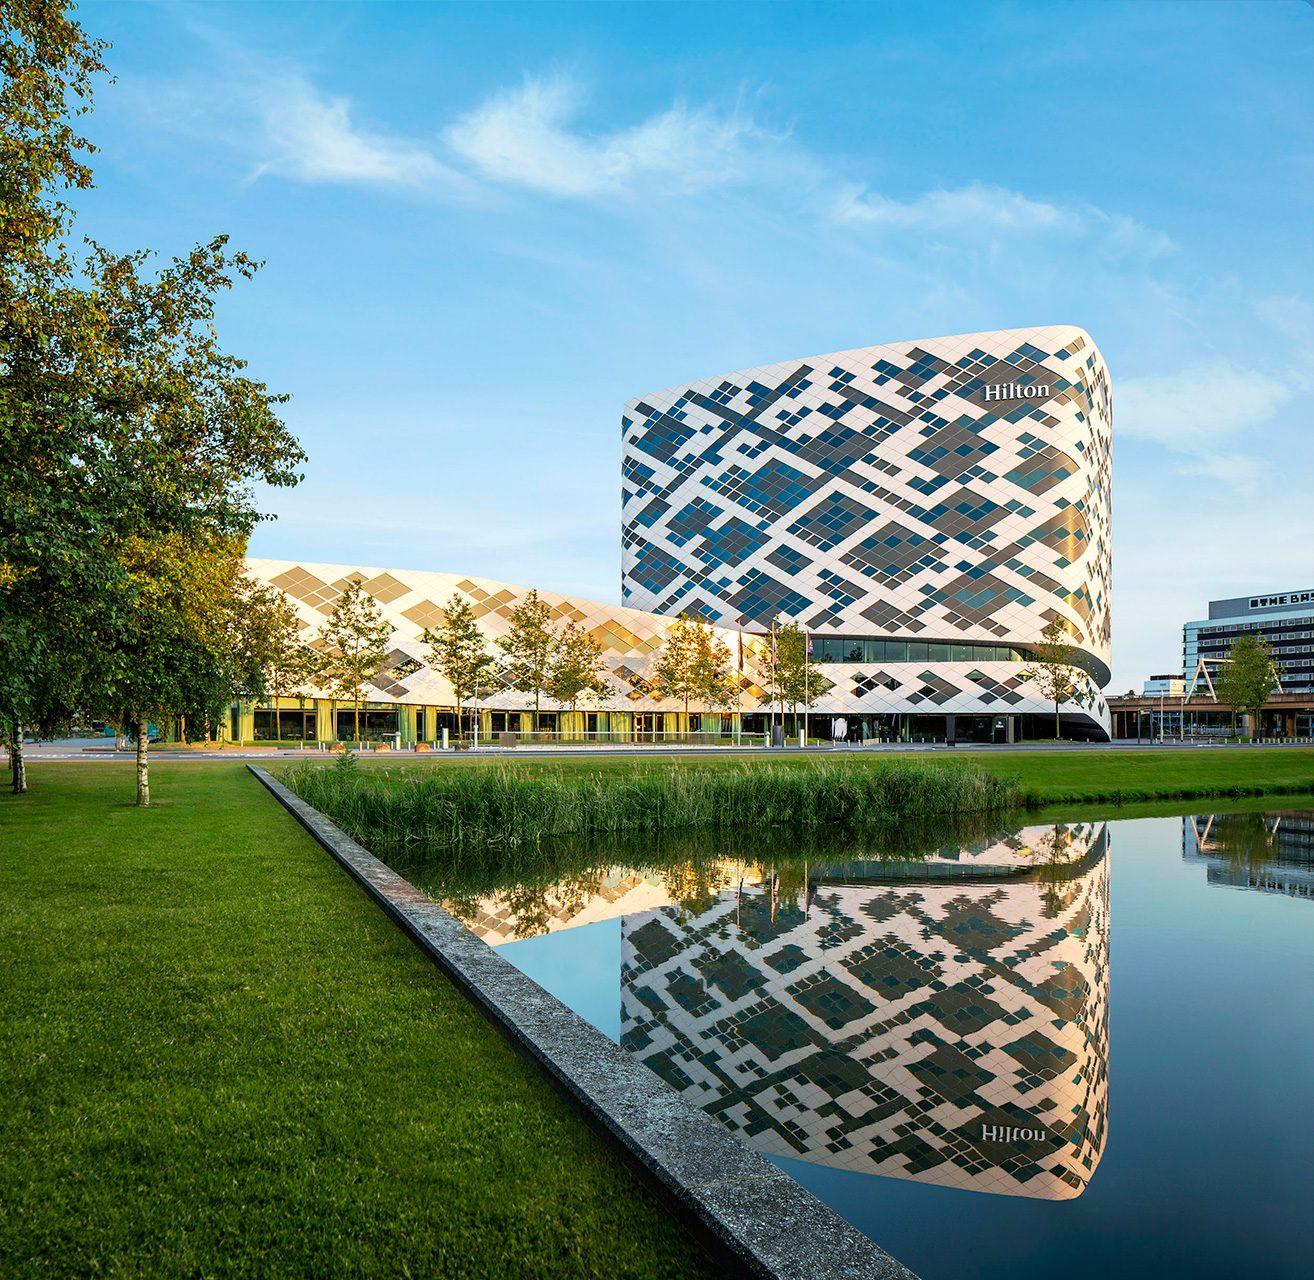 Hilton Amsterdam Airport Schipol